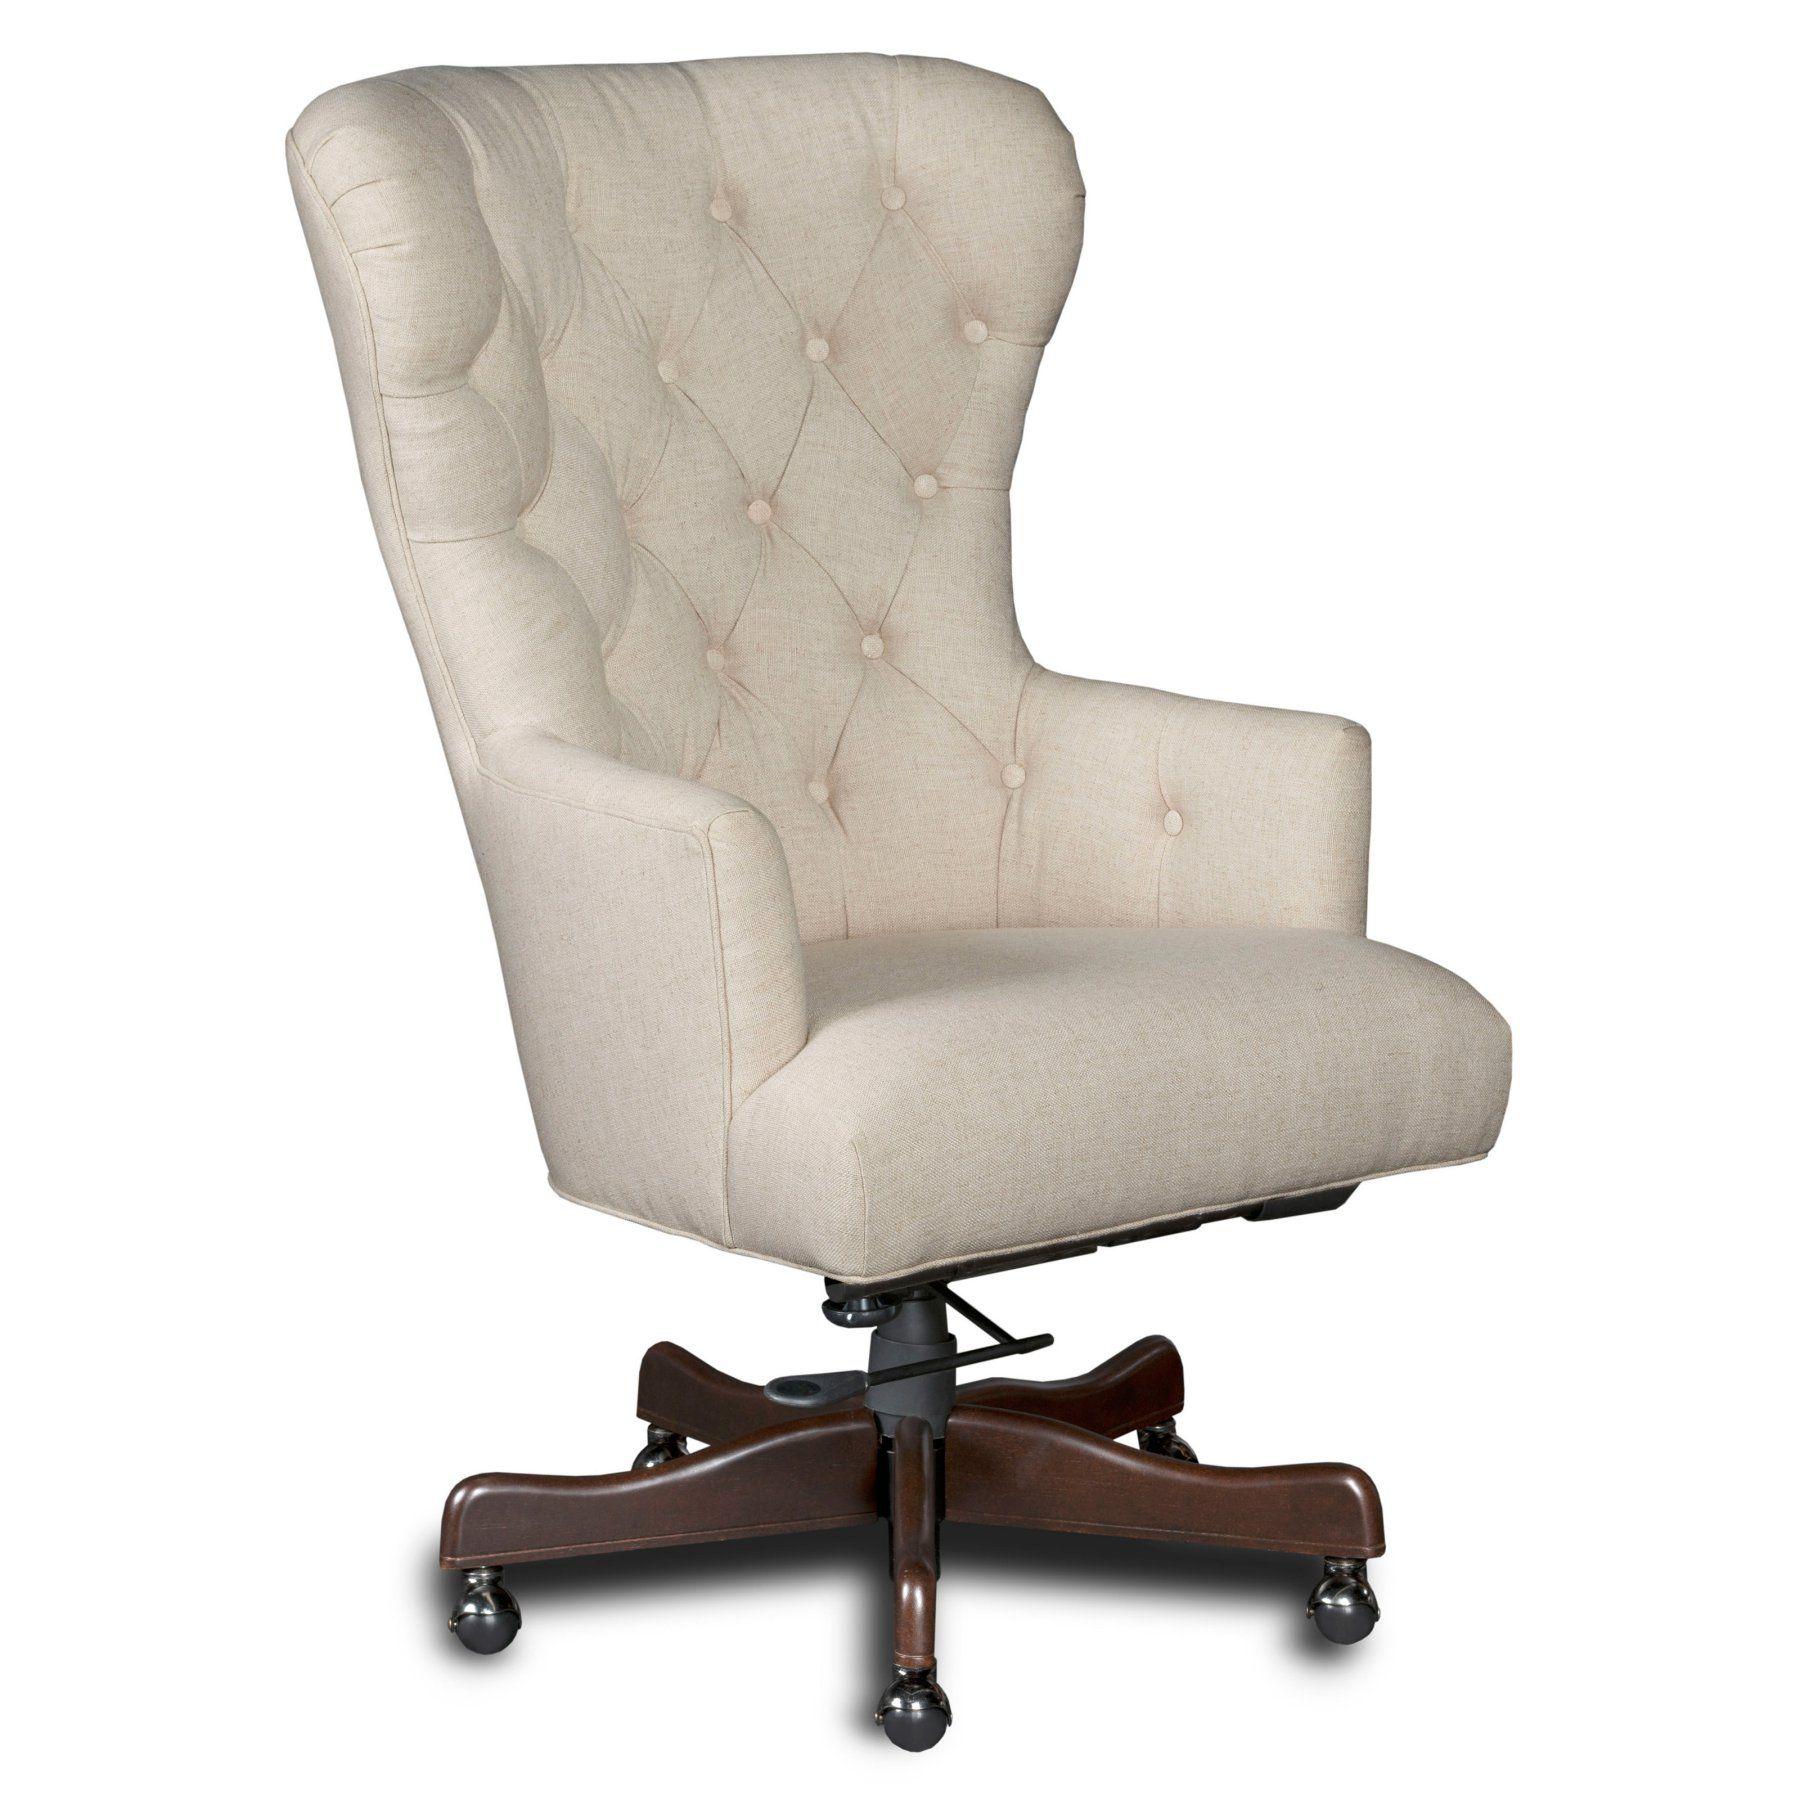 Hooker Furniture Larkin Oat Home fice Desk Chair EC448 010